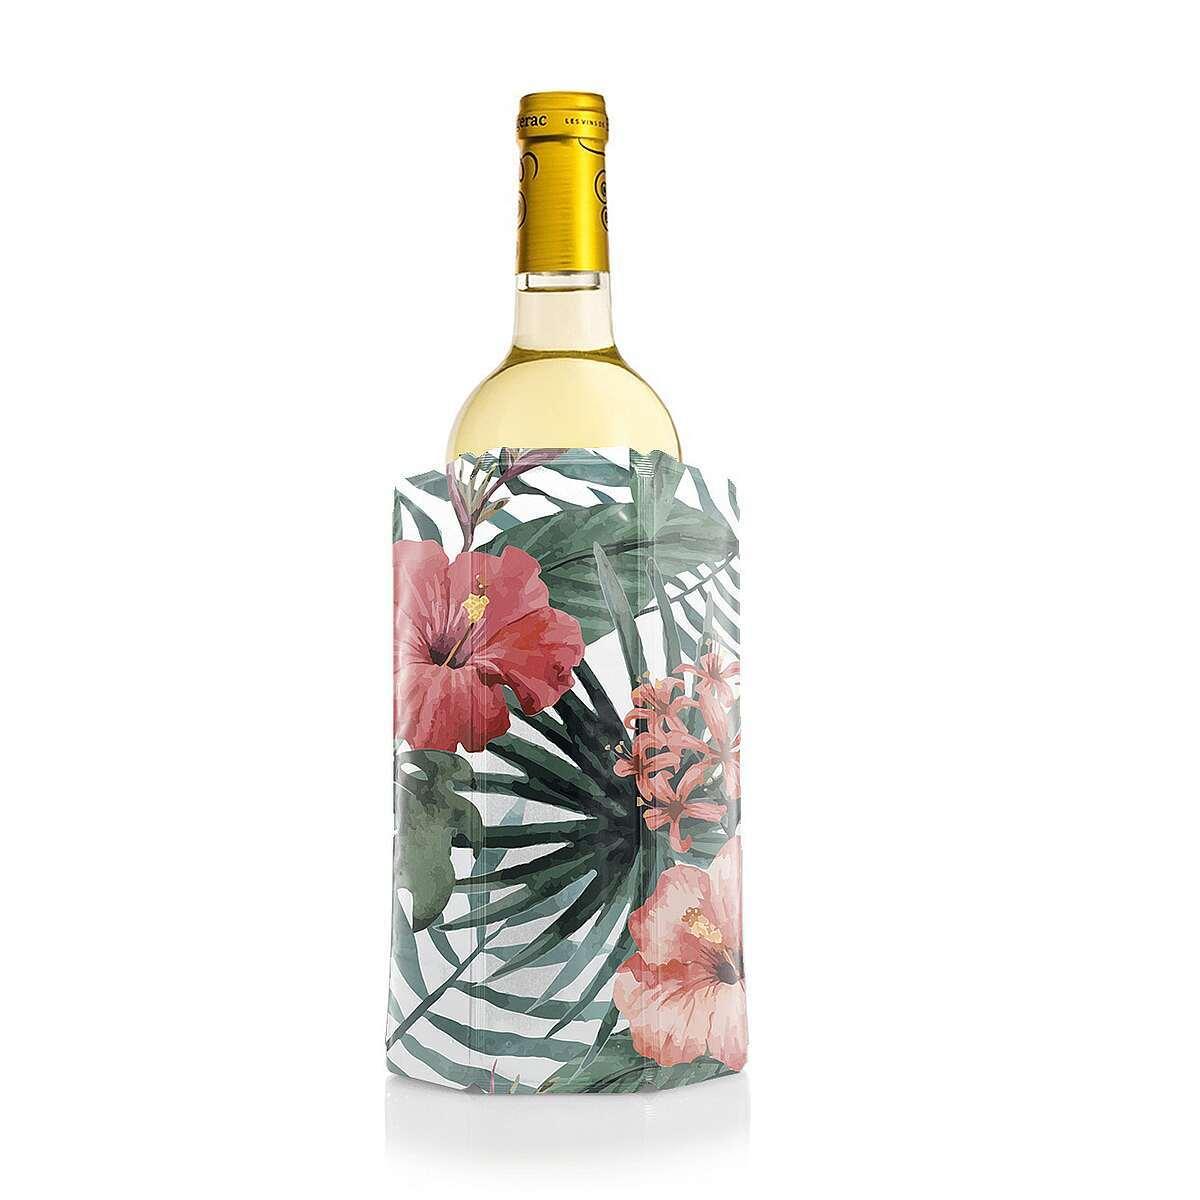 Фото - Охладительная рубашка для вина (в цветочек) сумка под бутылку и охладительная рубашку bottle bag